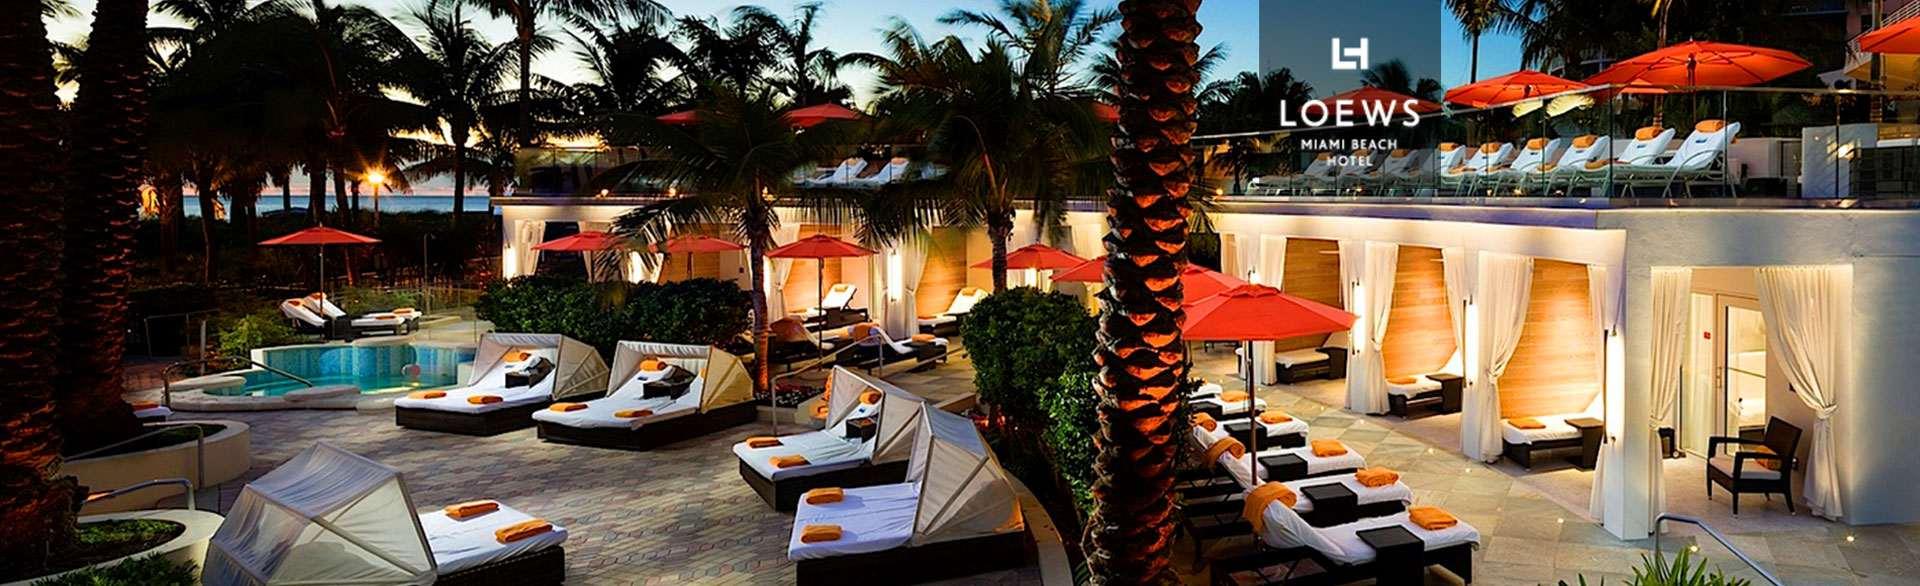 sliders_hotels_loews2